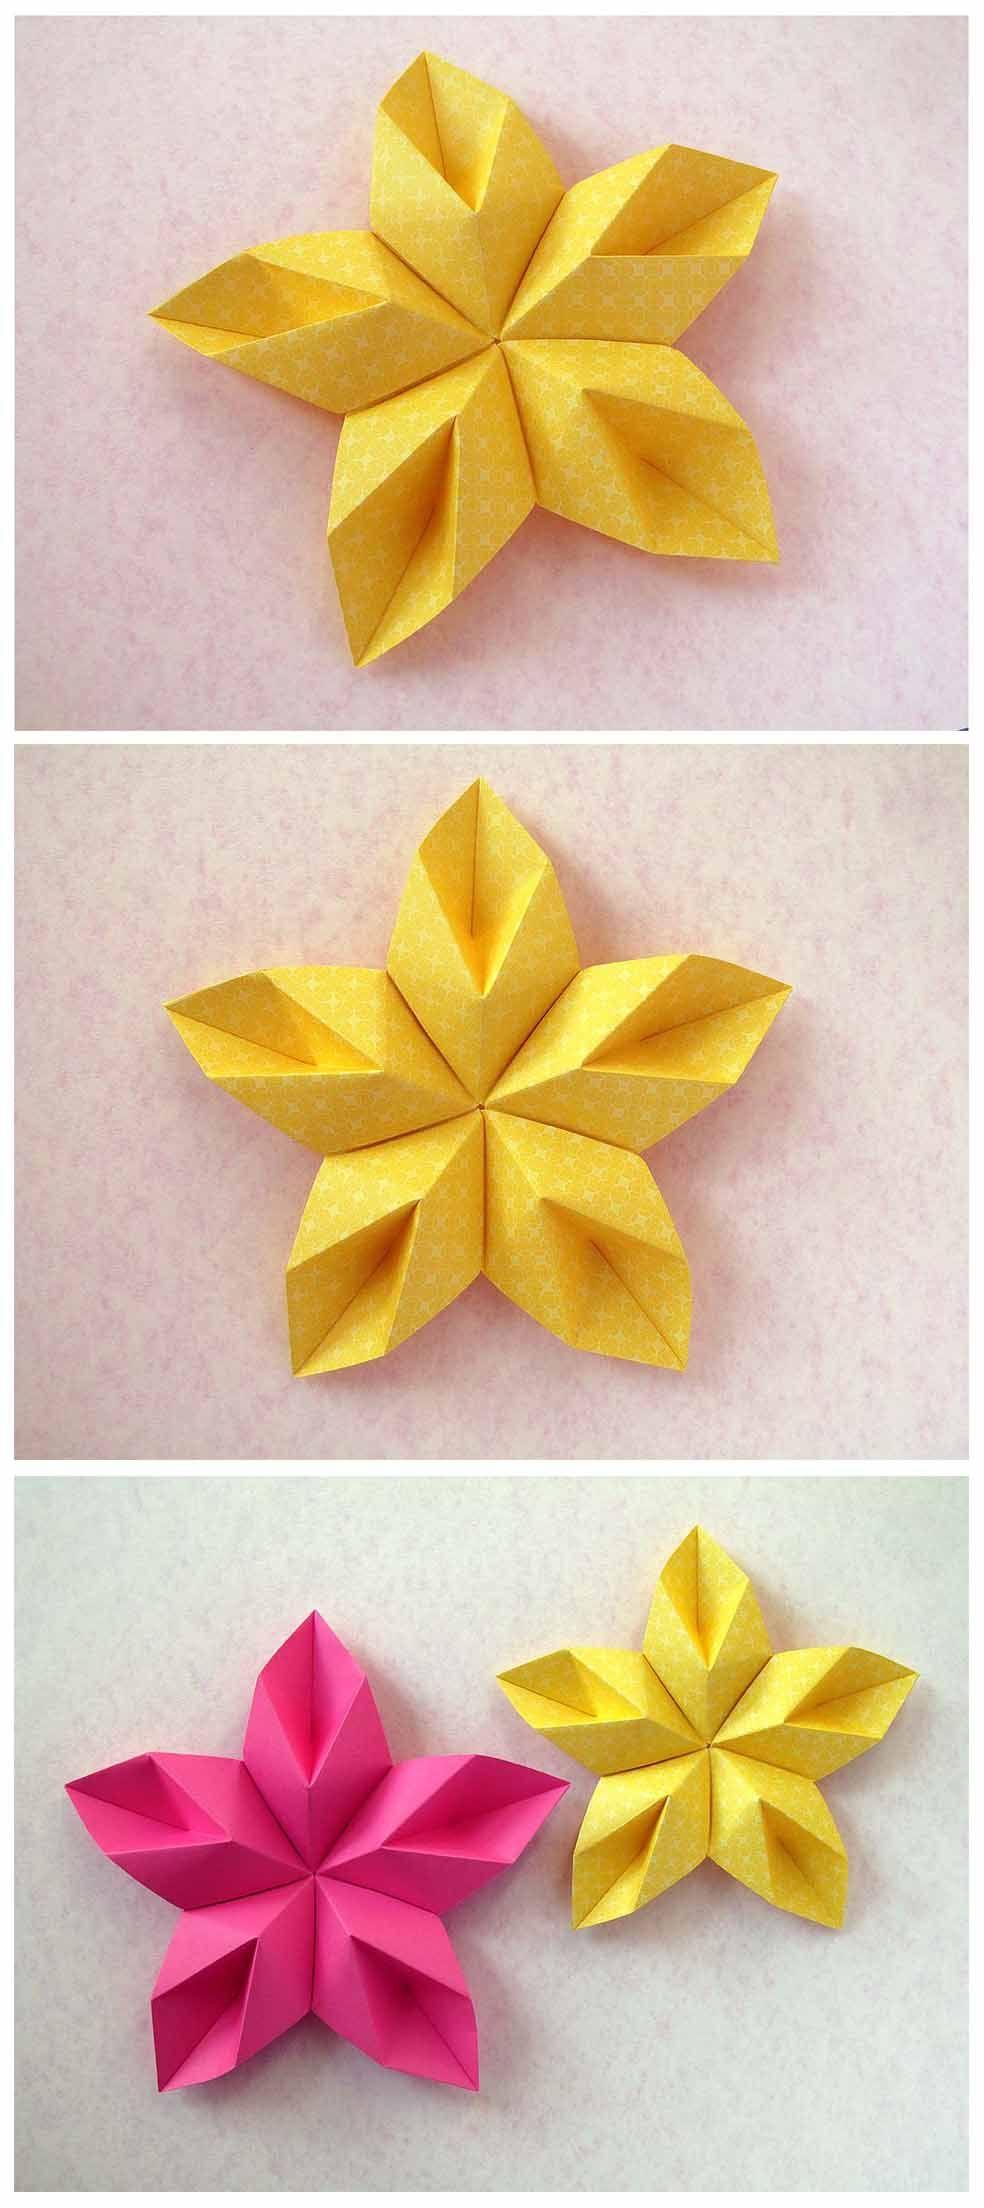 Modular origami: Stella floreale - Floral Star by Francesco Guarnieri #fleursentissu